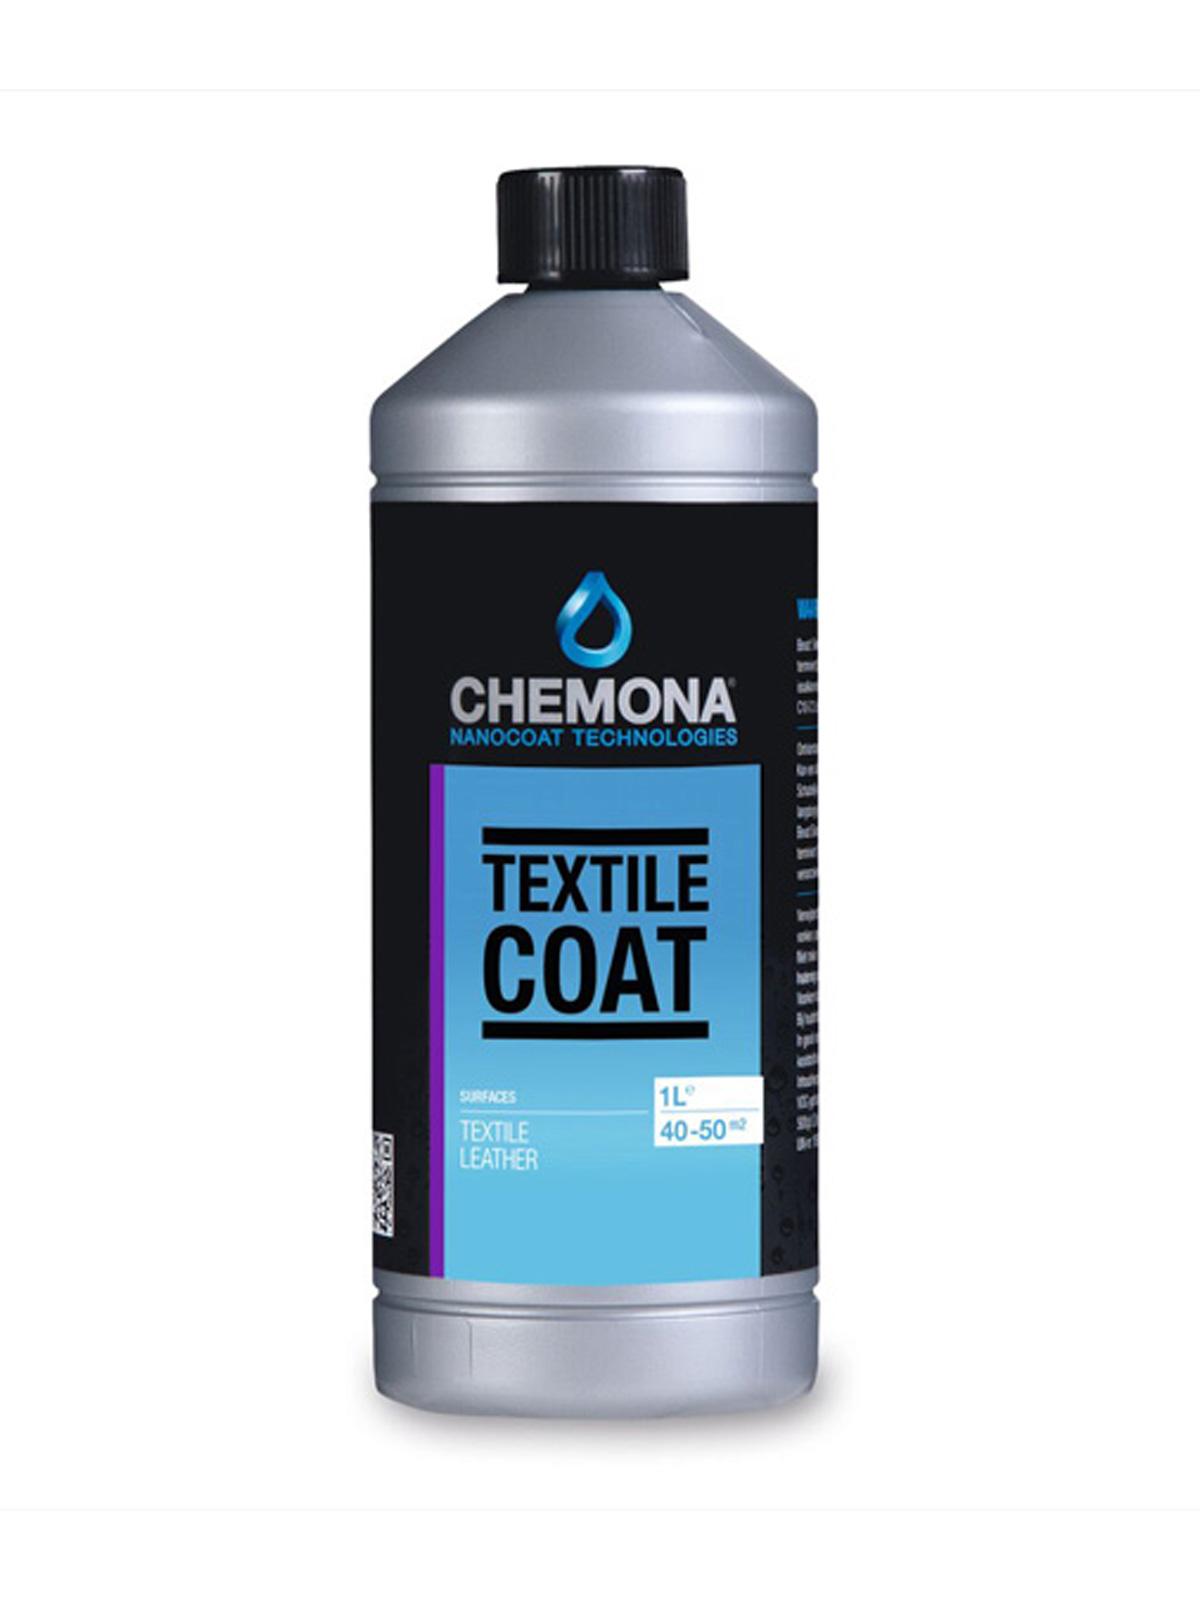 Chemona Textile Coat